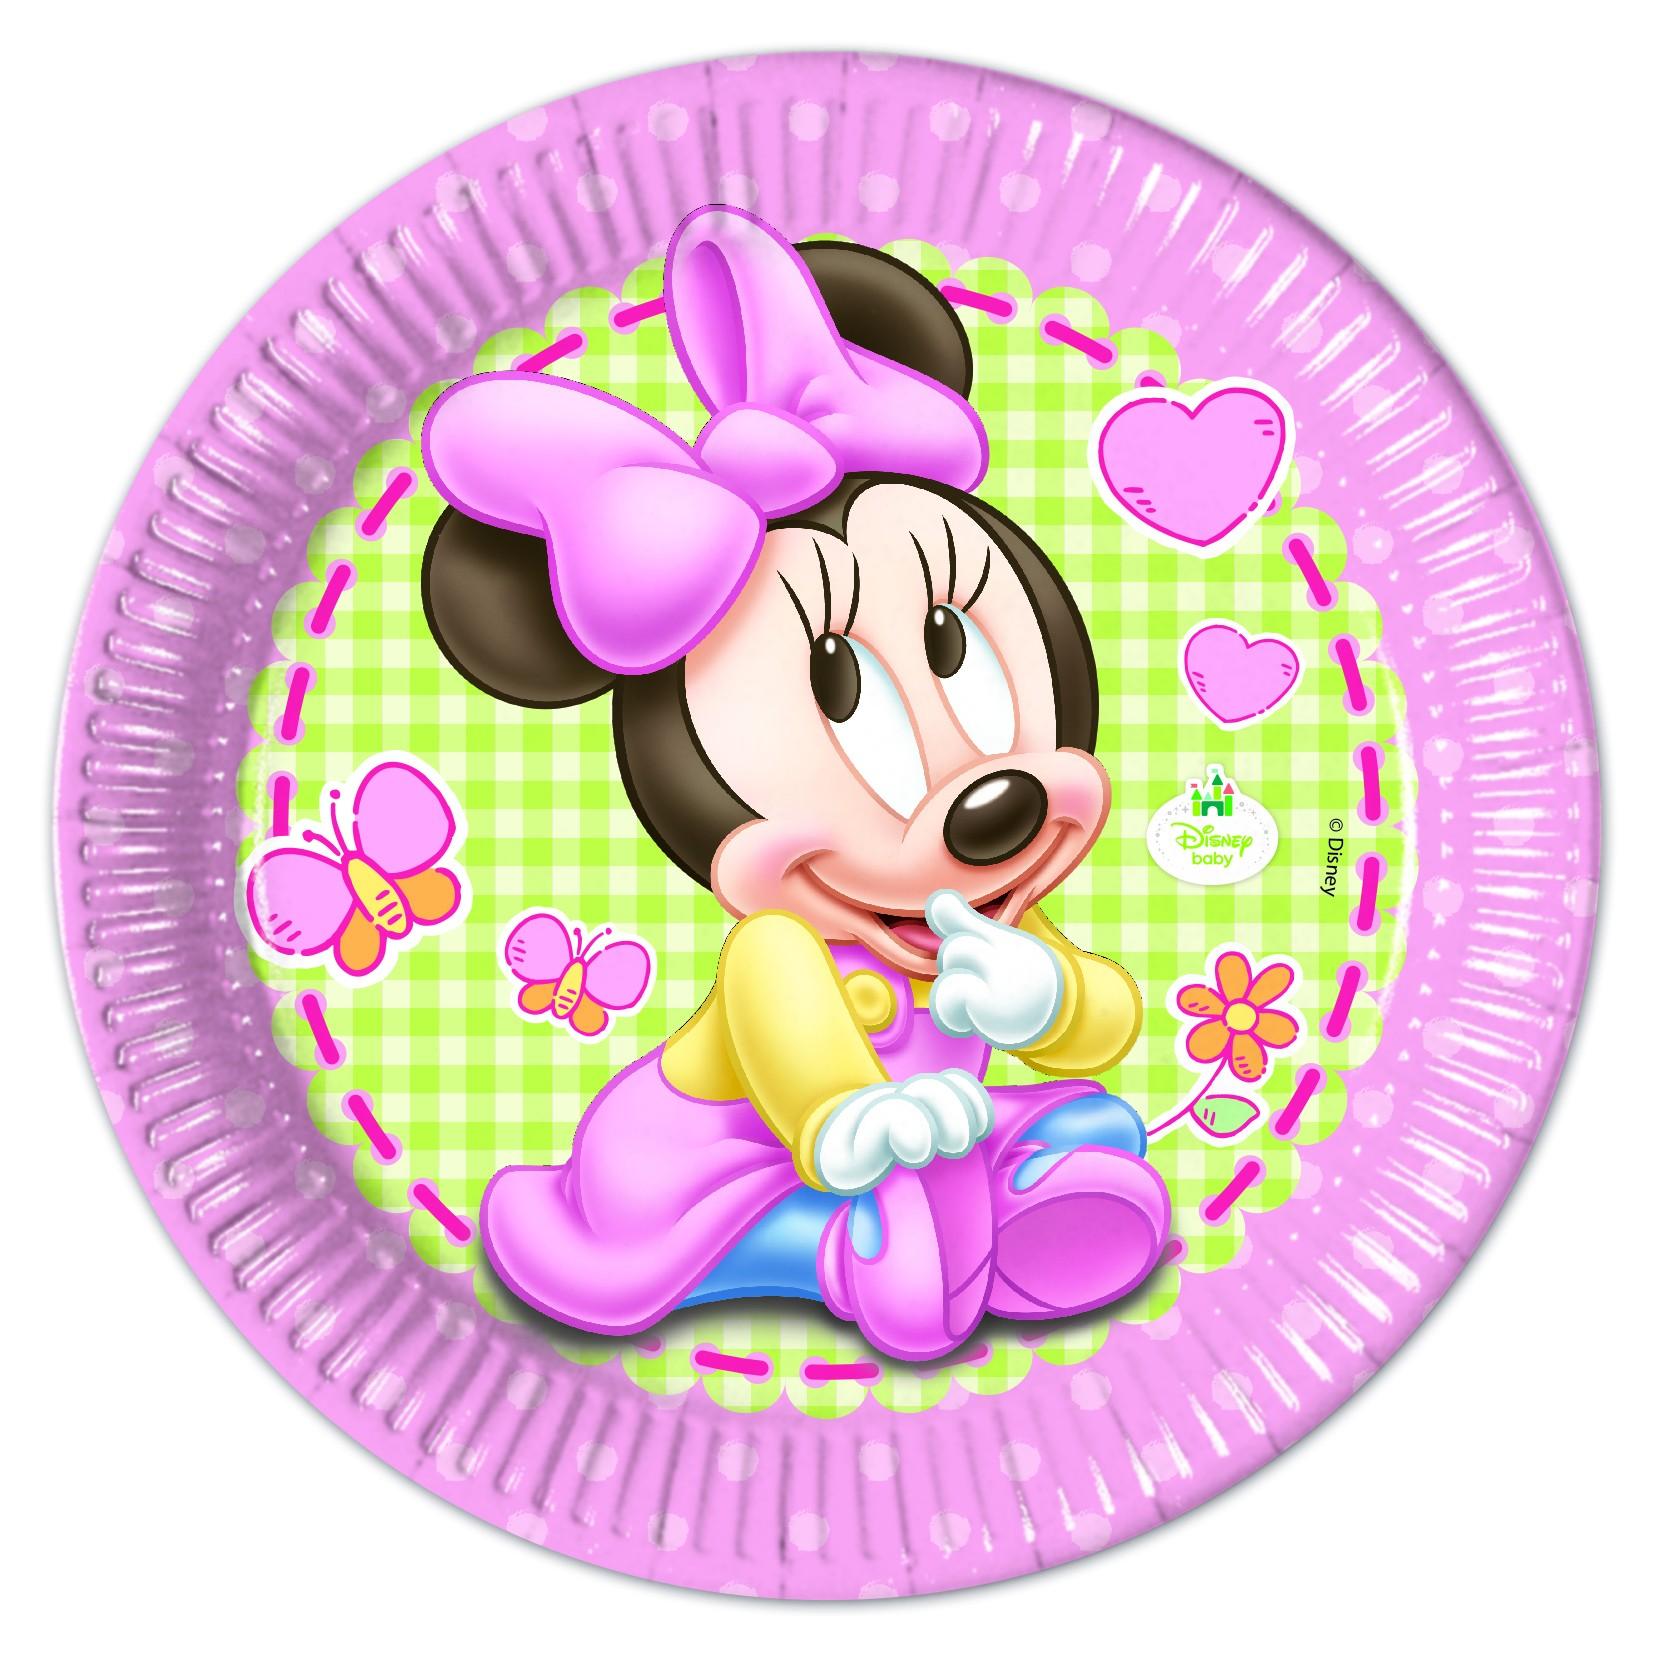 Baby - Minnie